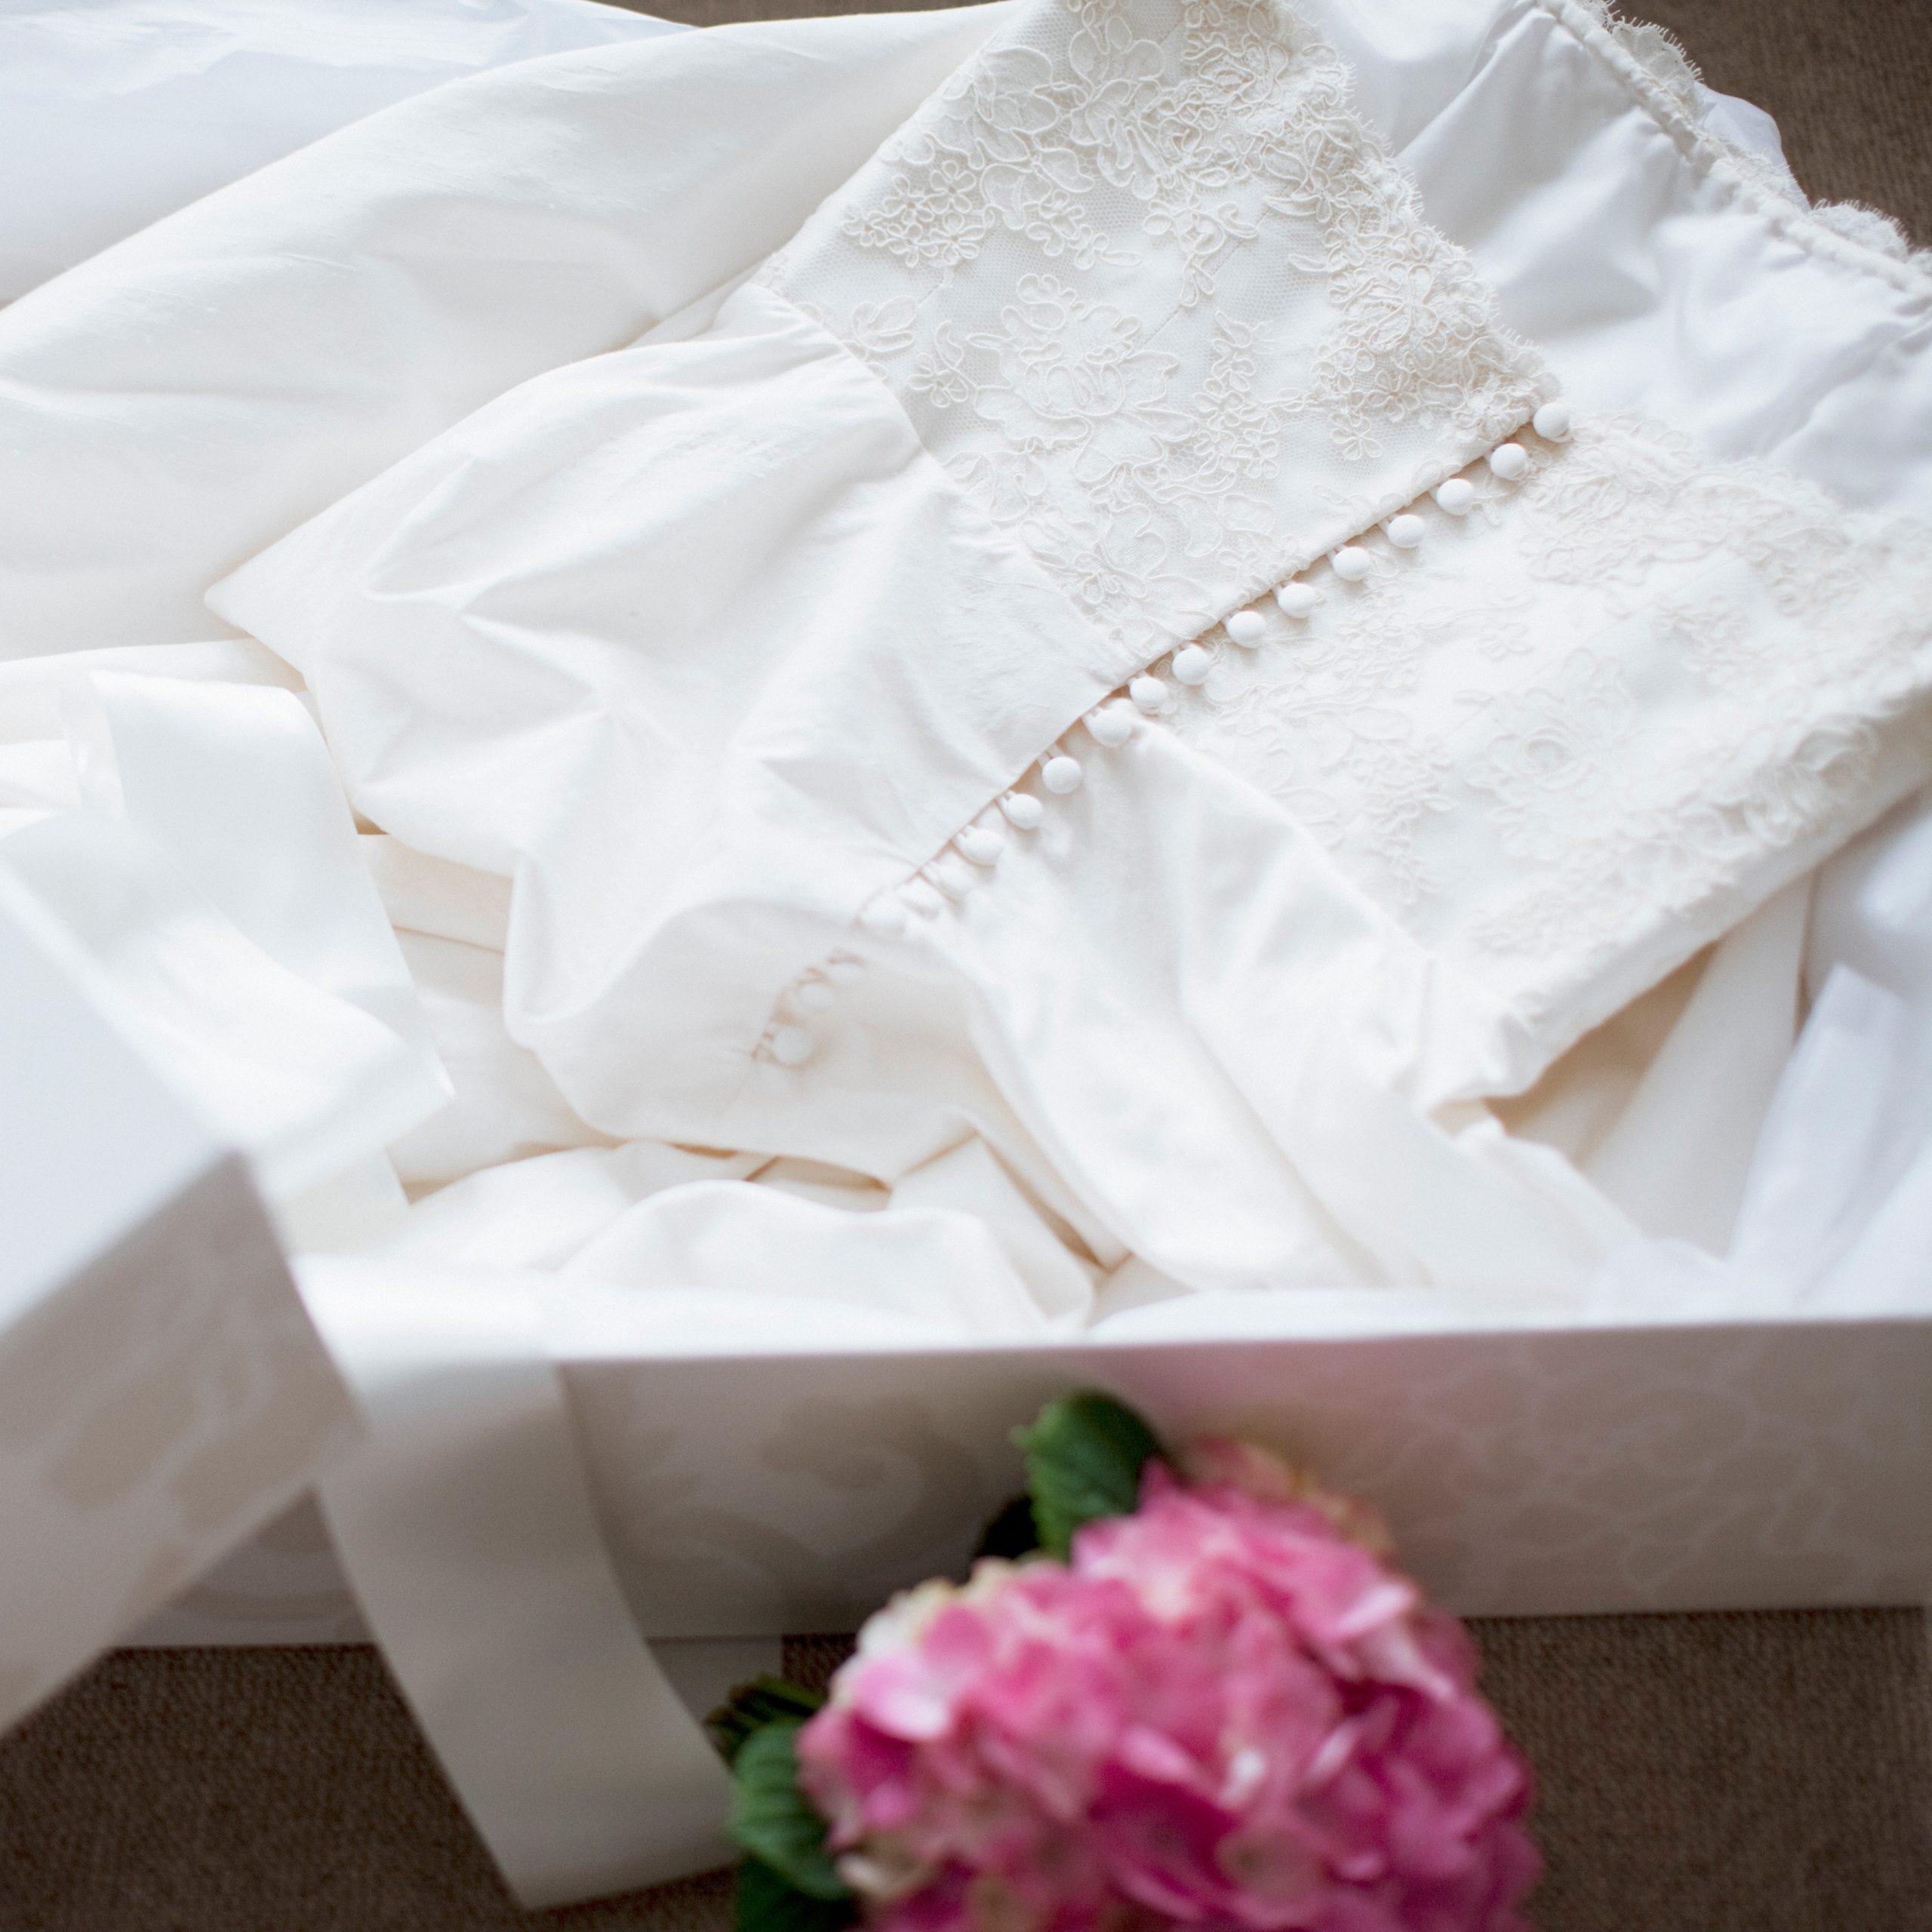 Hochzeitskleid: Was Mache Ich Nach Der Hochzeit Mit Dem